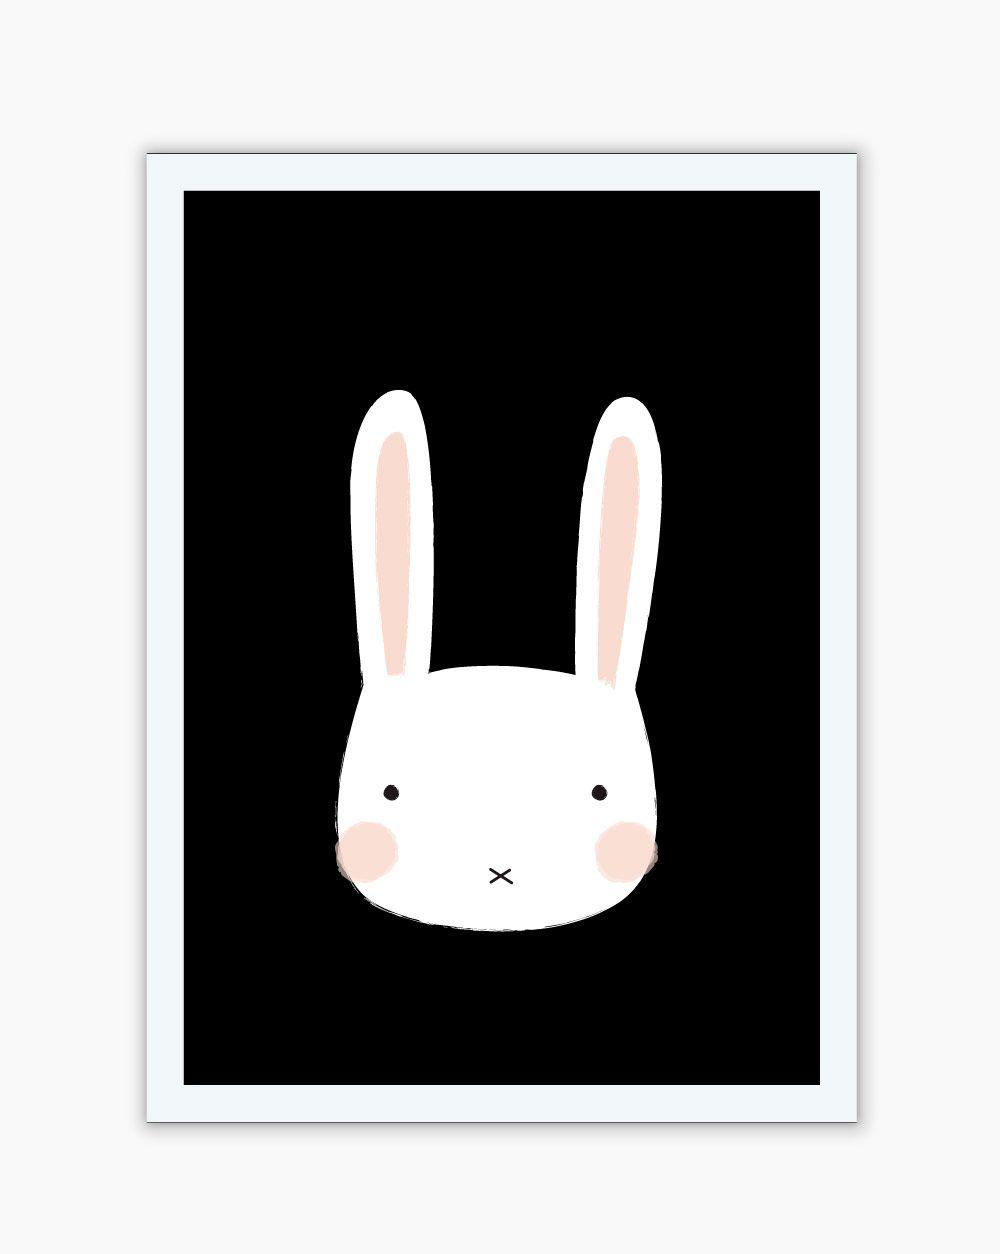 Quadro Black Funny Habbit